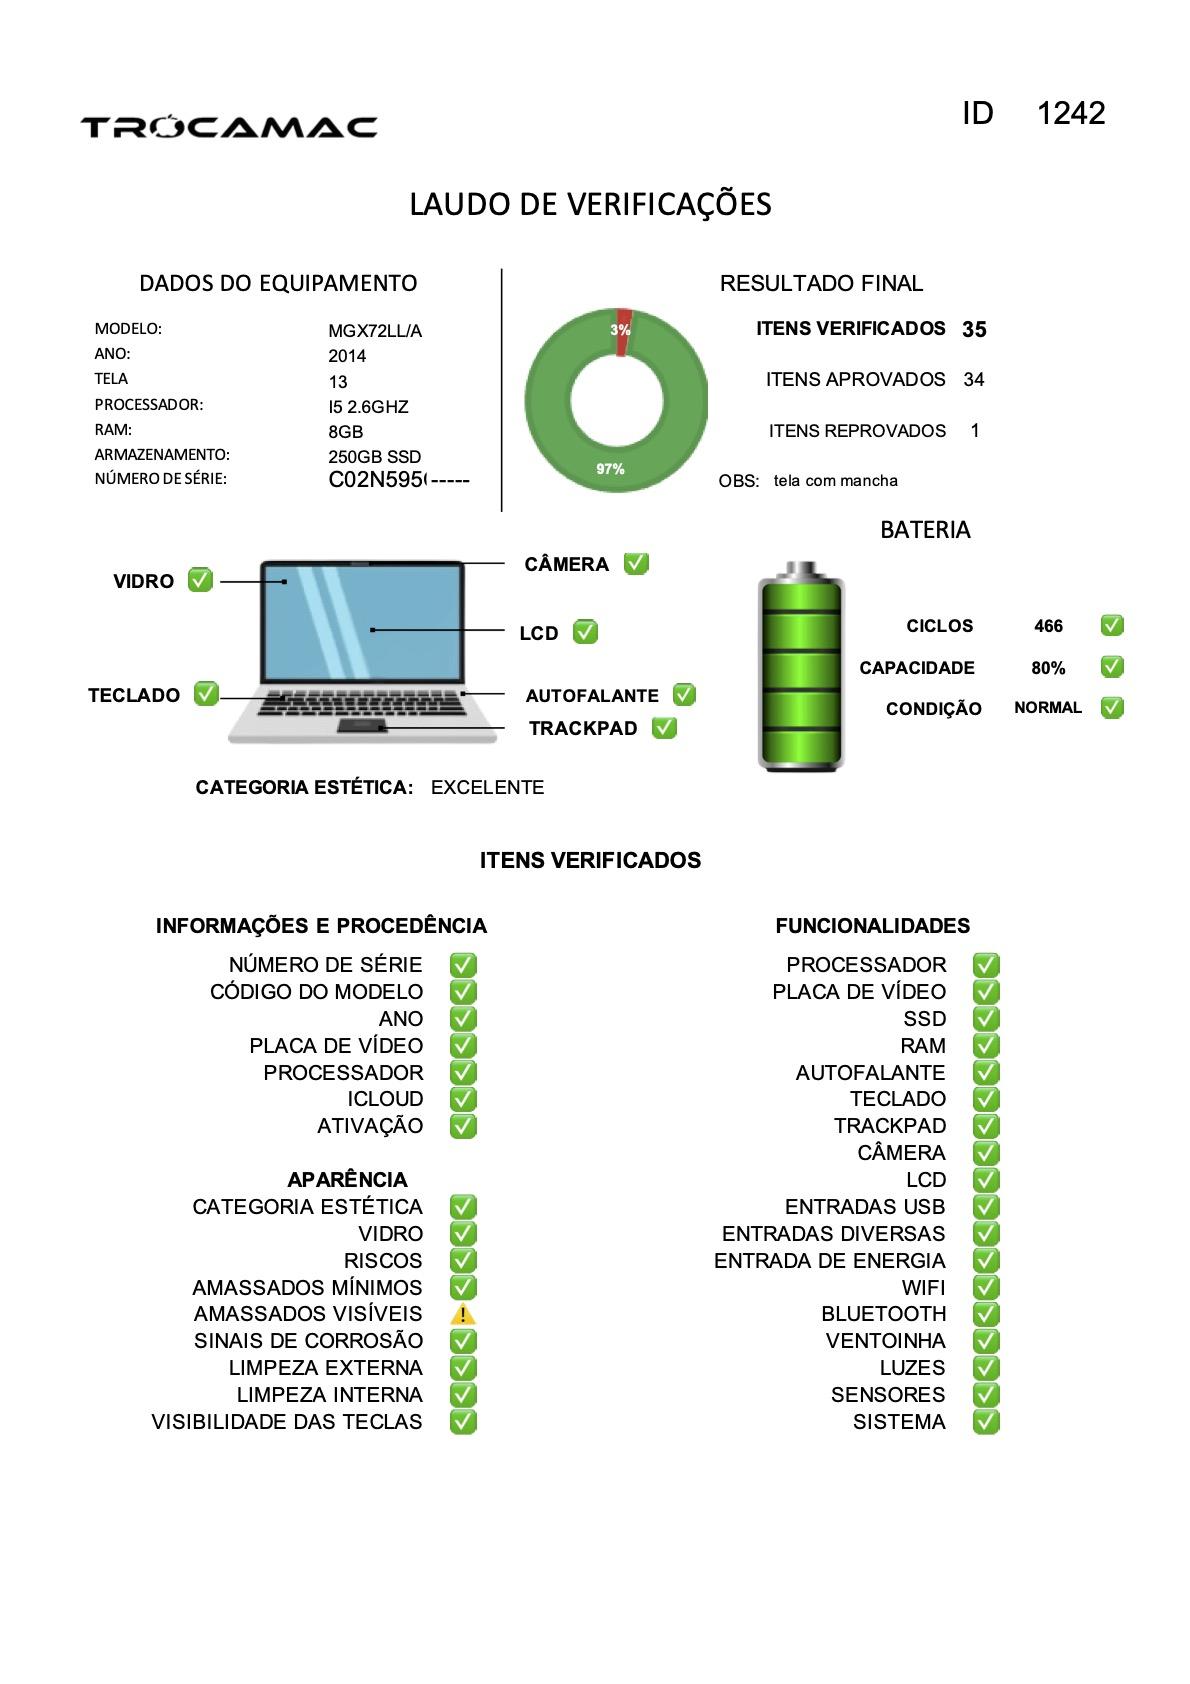 Macbook Pro Retina 13 i5 2.6Ghz 8GB 256GB SSD MGX72LL/A Seminovo